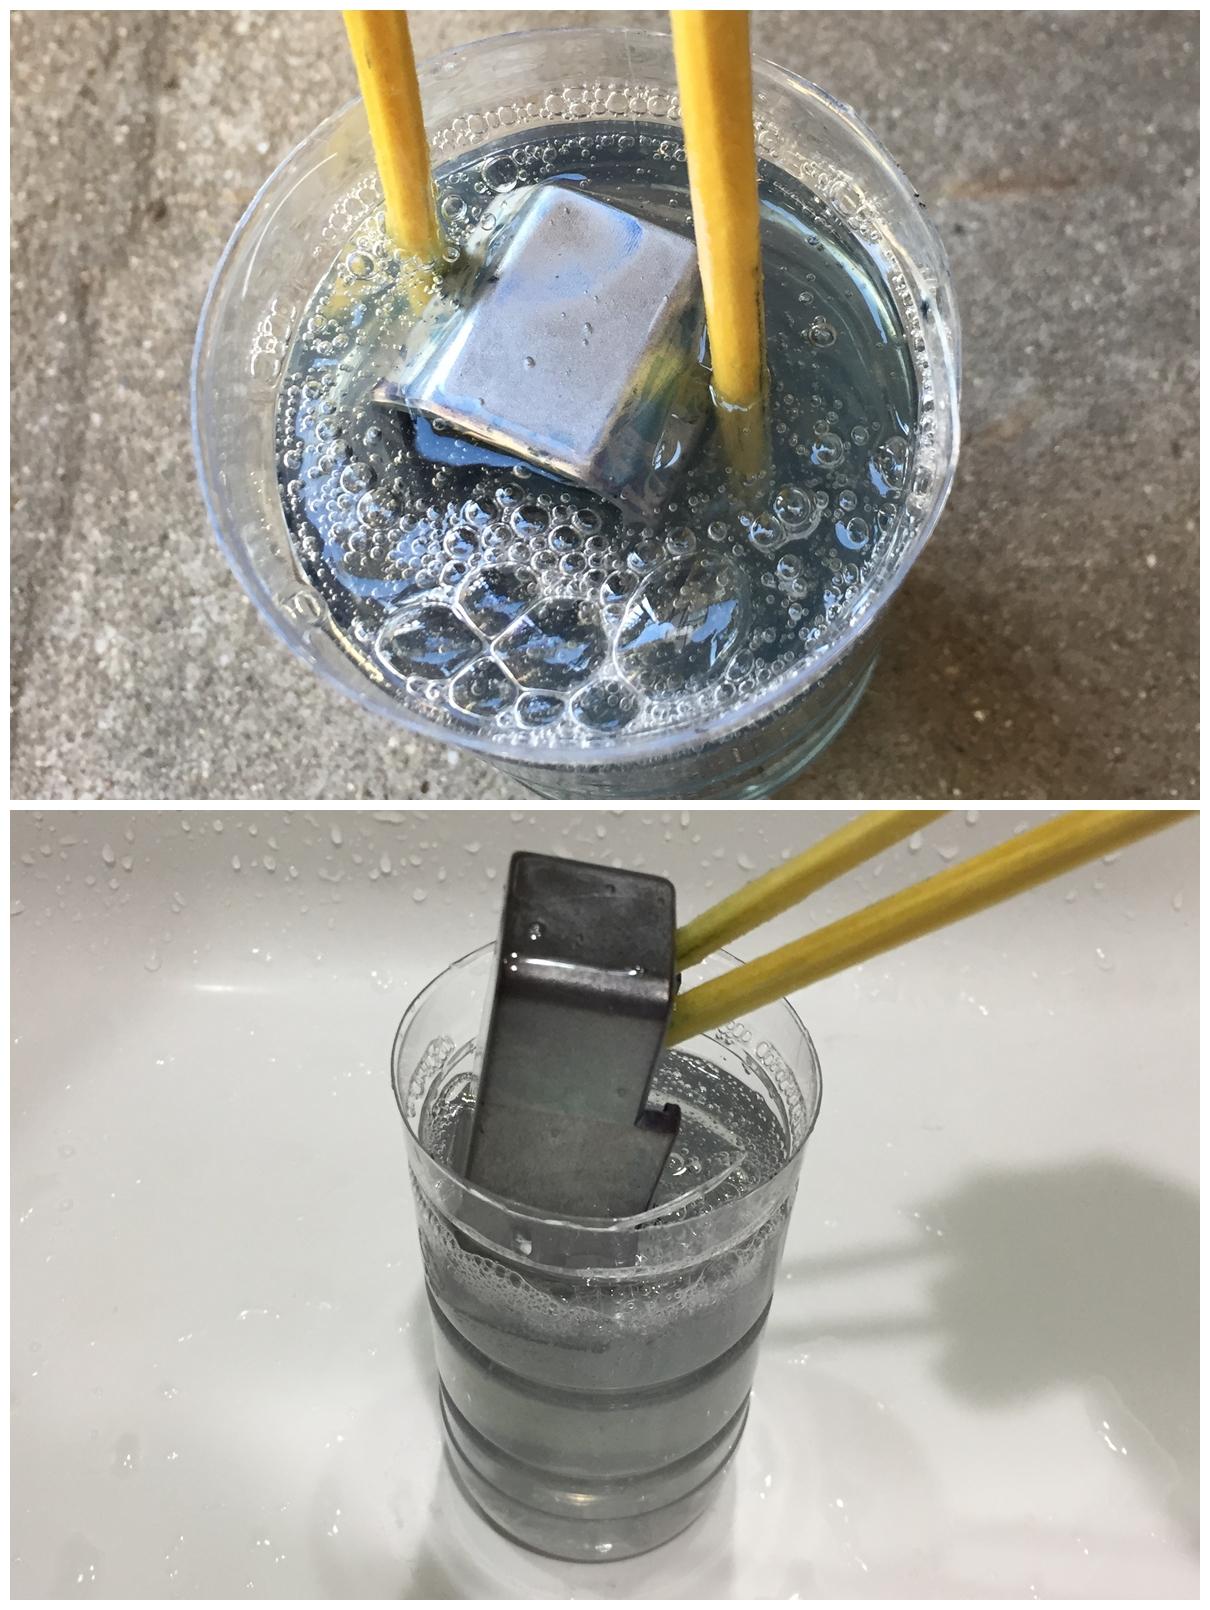 7 簡単 アルマイト 除去 ポリッシュ 鏡面 加工 UAC P-MAG アルミニウム マガジン ベース パッド